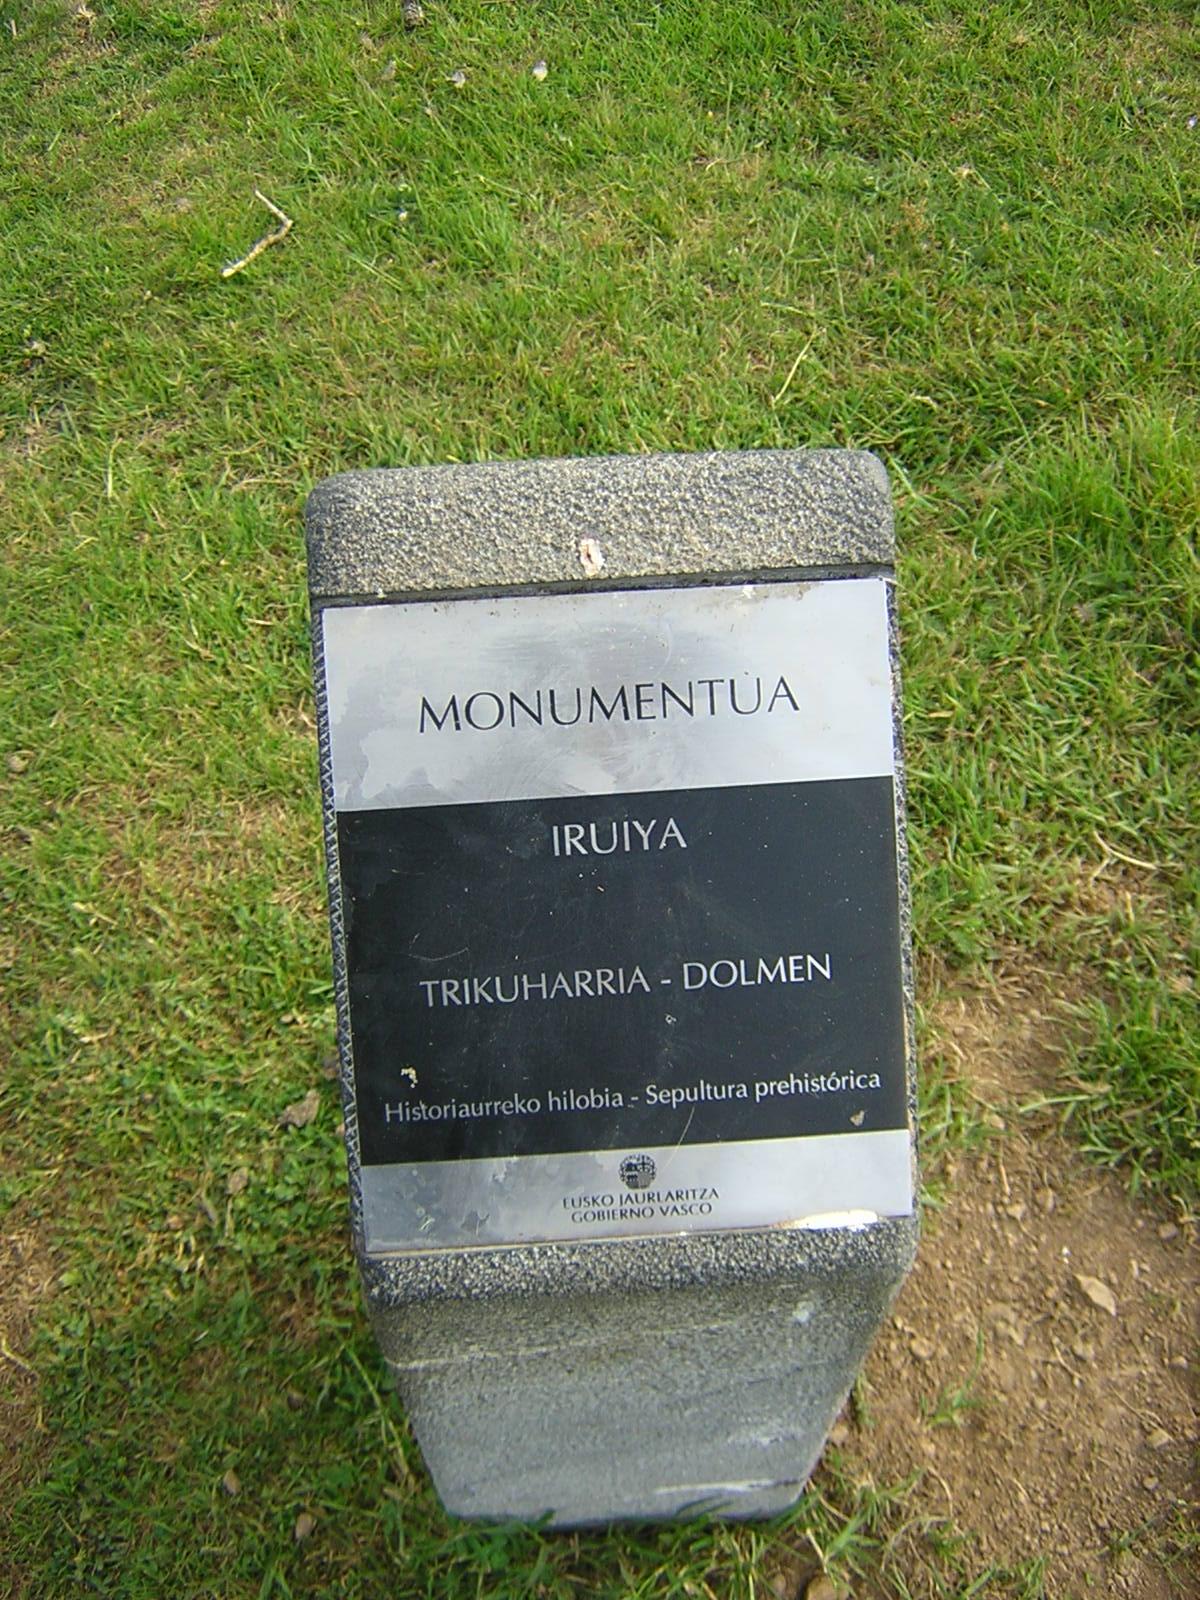 Dolmen Iruiya Trikuharria